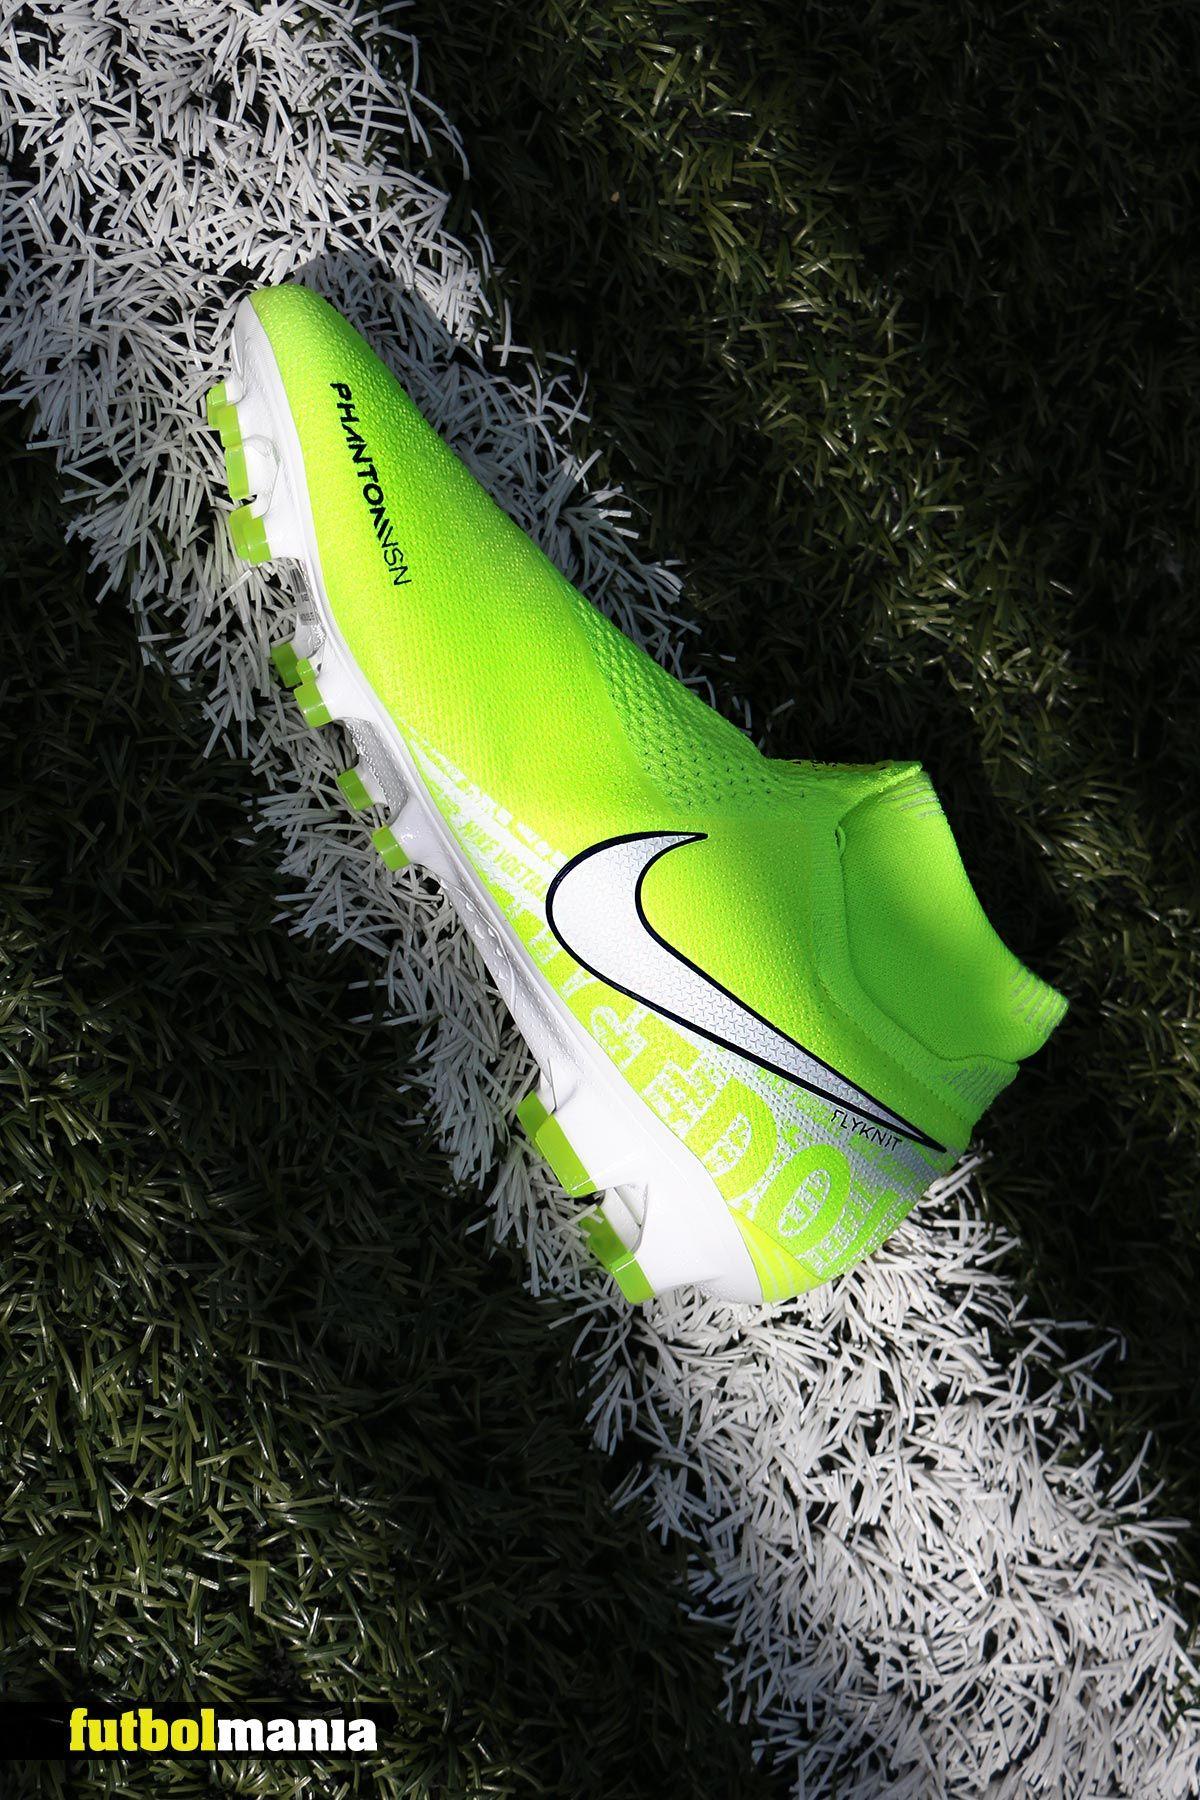 collar Original Simplemente desbordando  Nike Phantom | Botines de futbol nike, Zapatos de fútbol nike, Zapatos de  futbol adidas